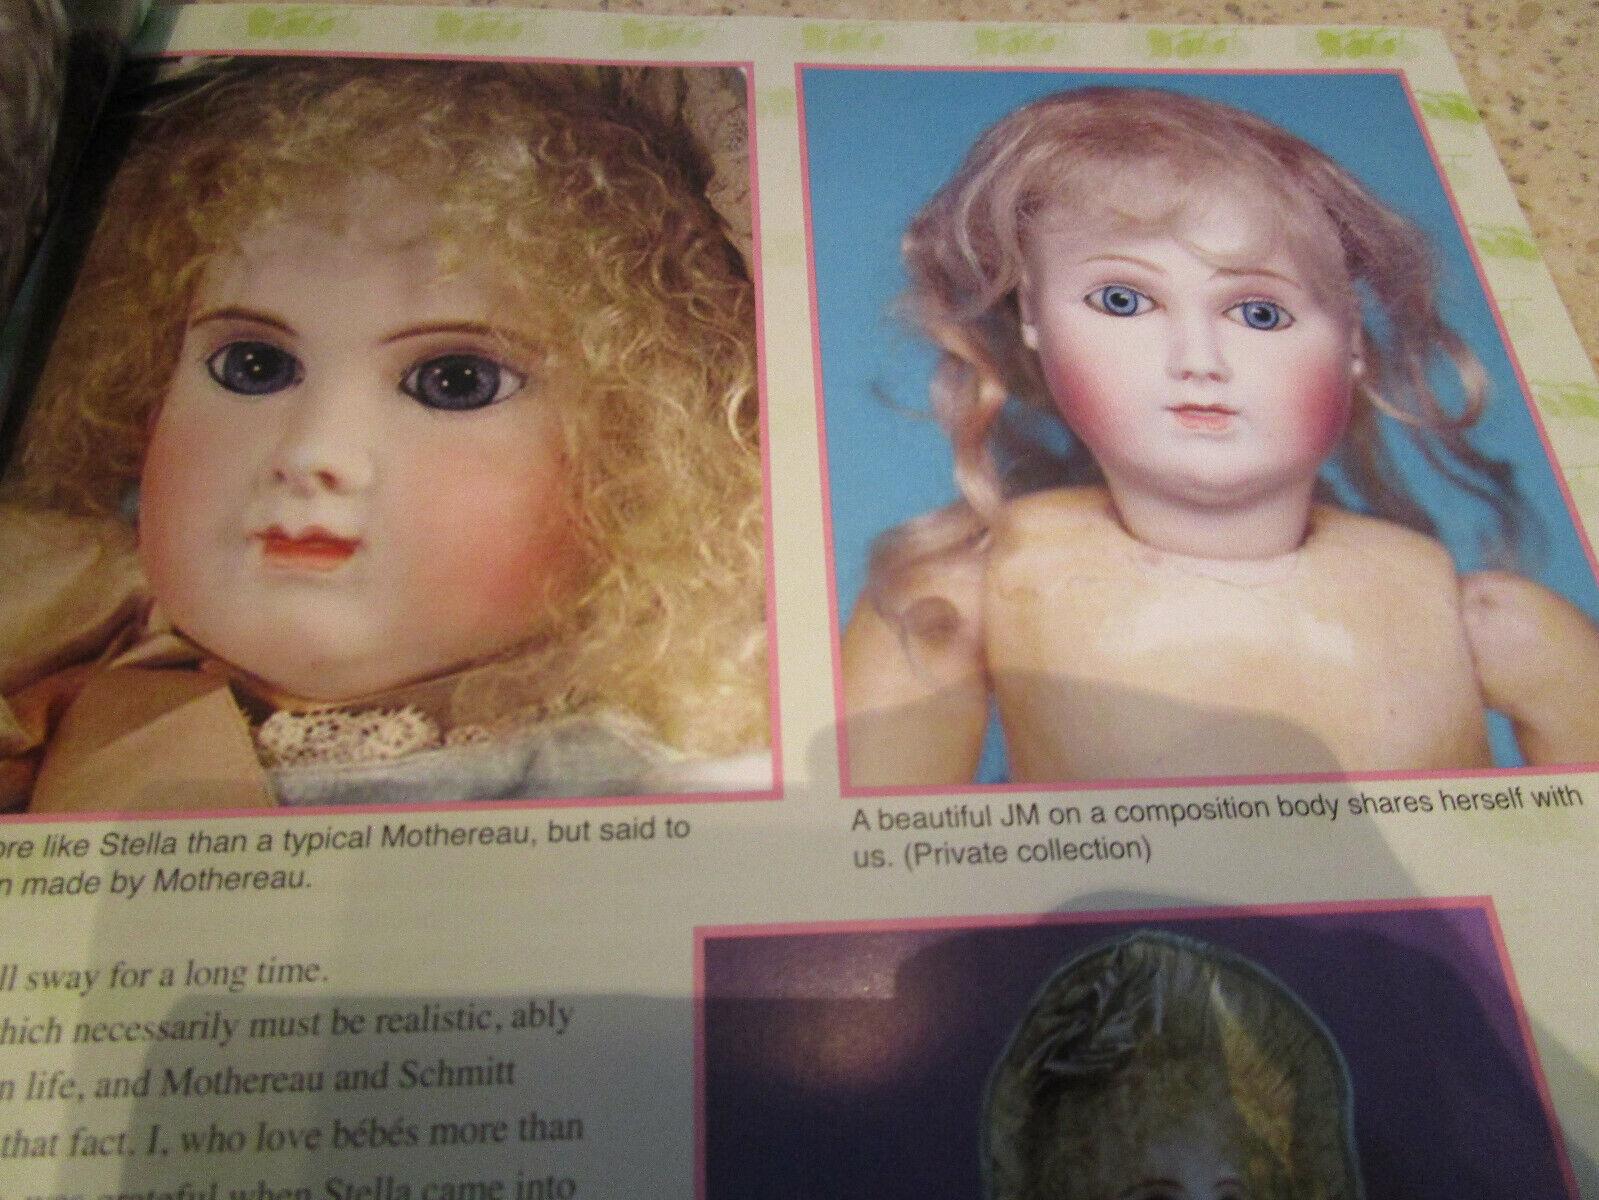 Jennifer Rohn Murtha 14pg Schmitt Doll History Article SCHMITT O